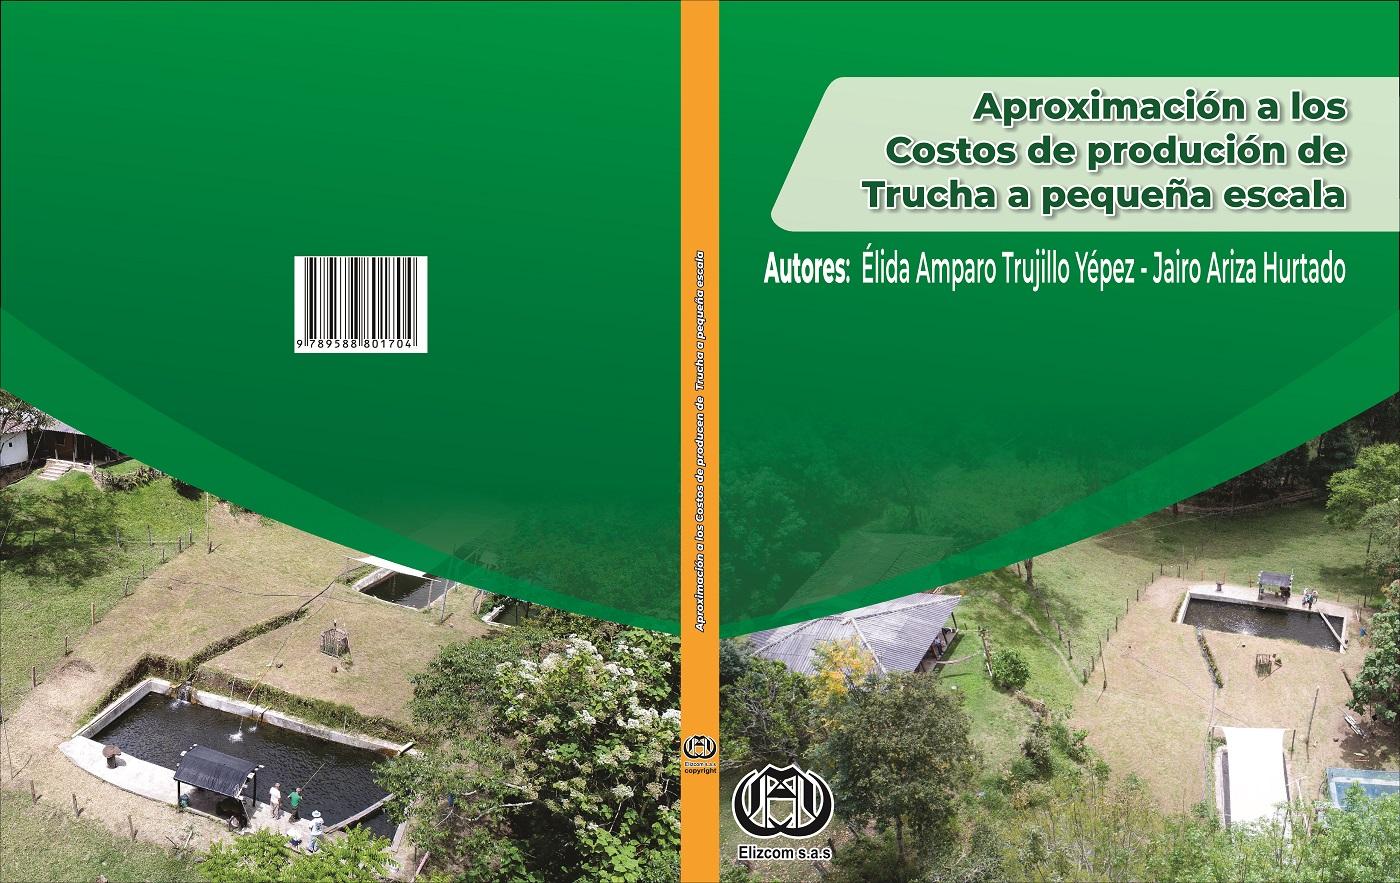 aproximacion_a_los_costos_de_produccion_